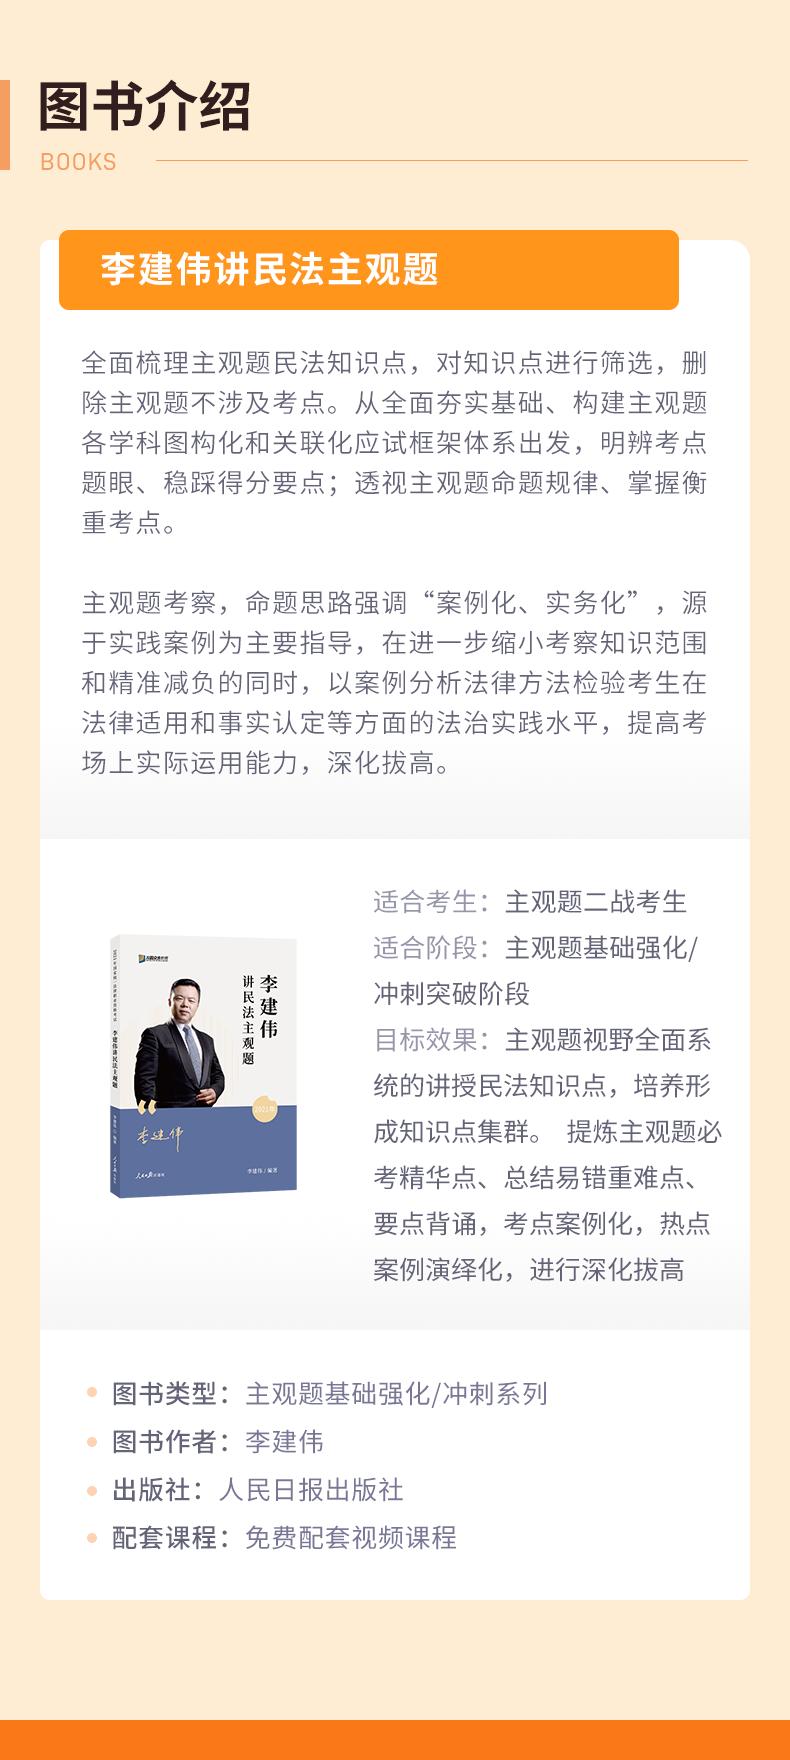 主观题专题讲座基础版-民法(李建伟).png_parker_05.png